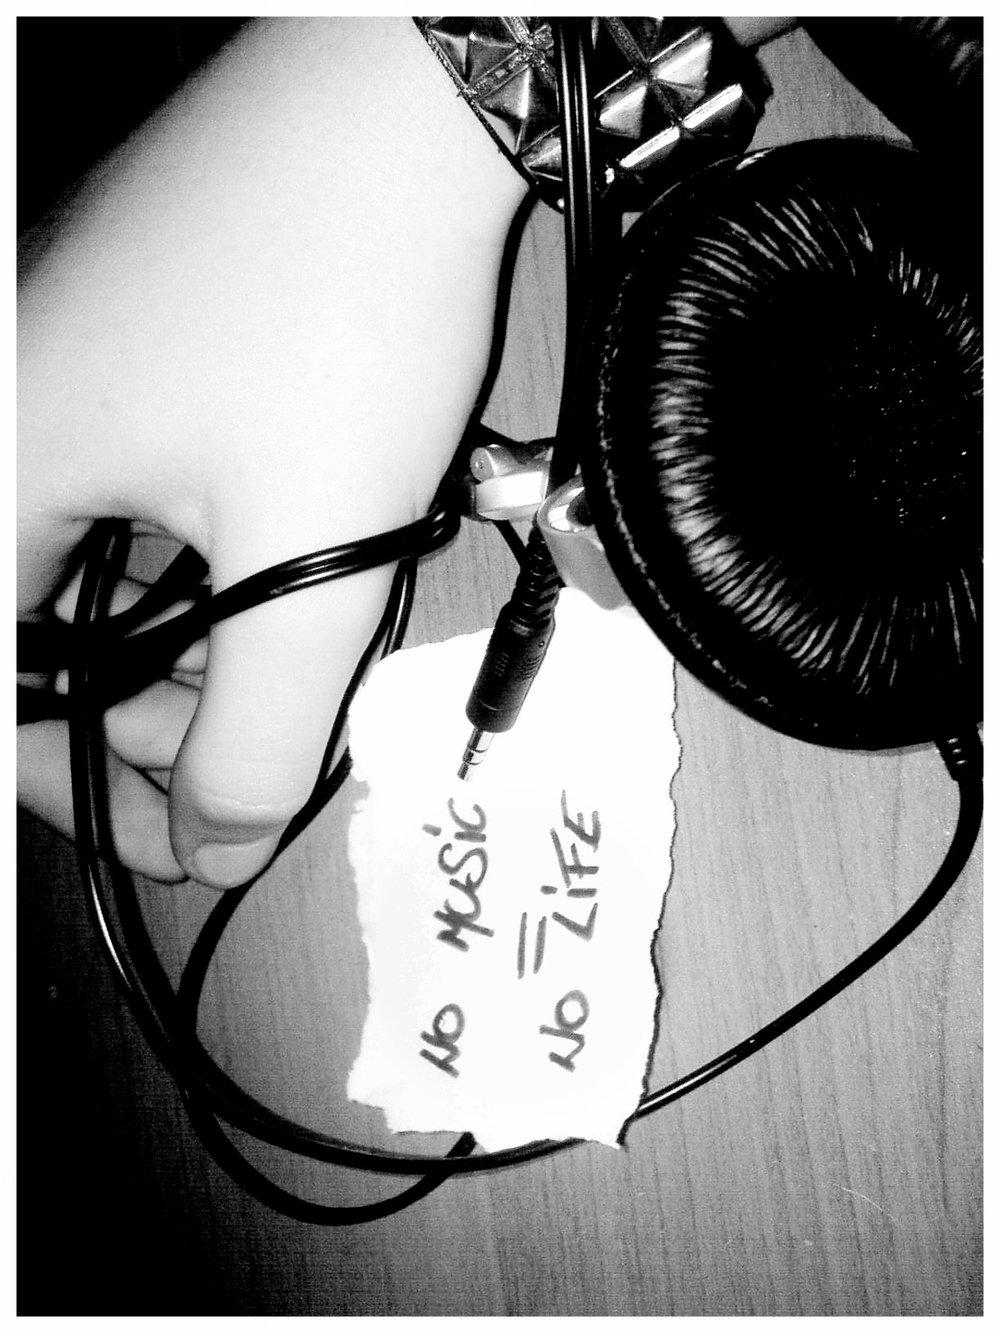 No-Lyf-Without-Music-no-music-3D-no-life-24455532-1632-1224-e1514396046827[1].jpg